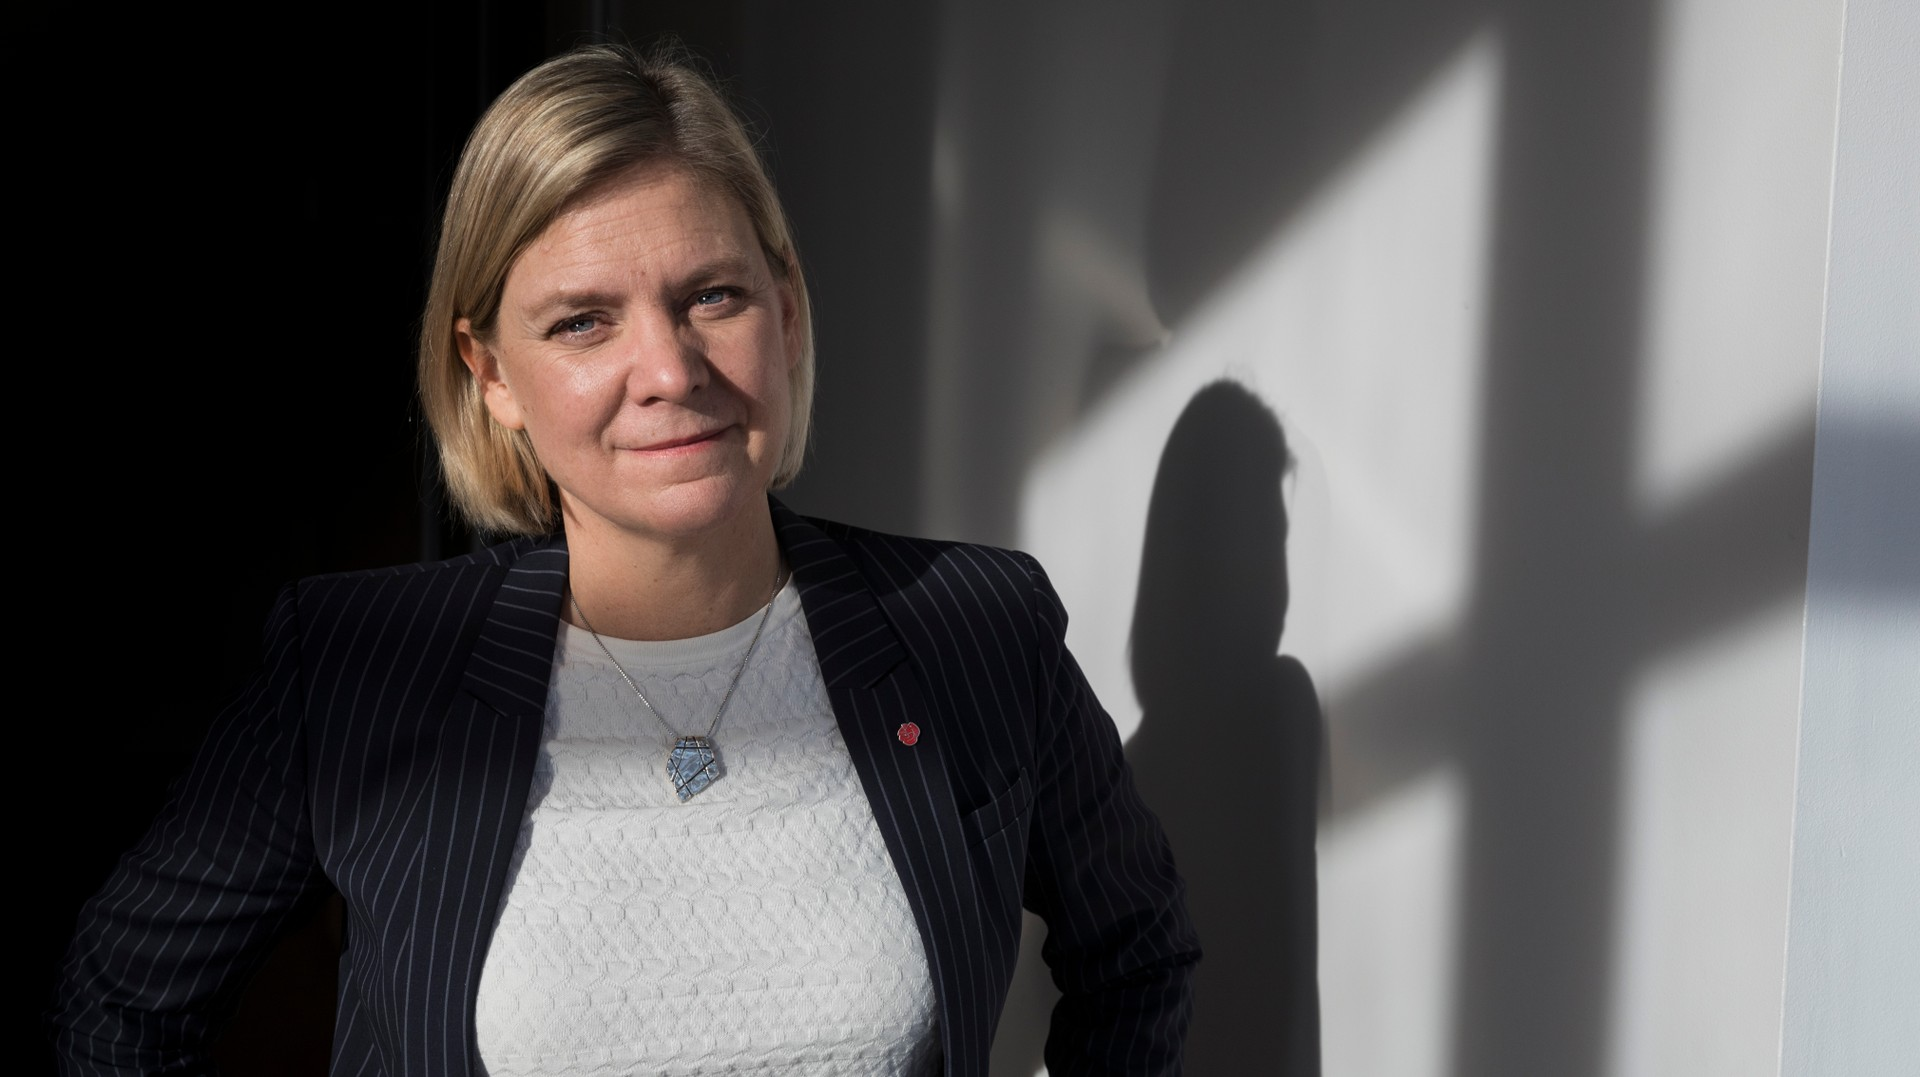 министра финансов Швеции Магдалены Андерссон